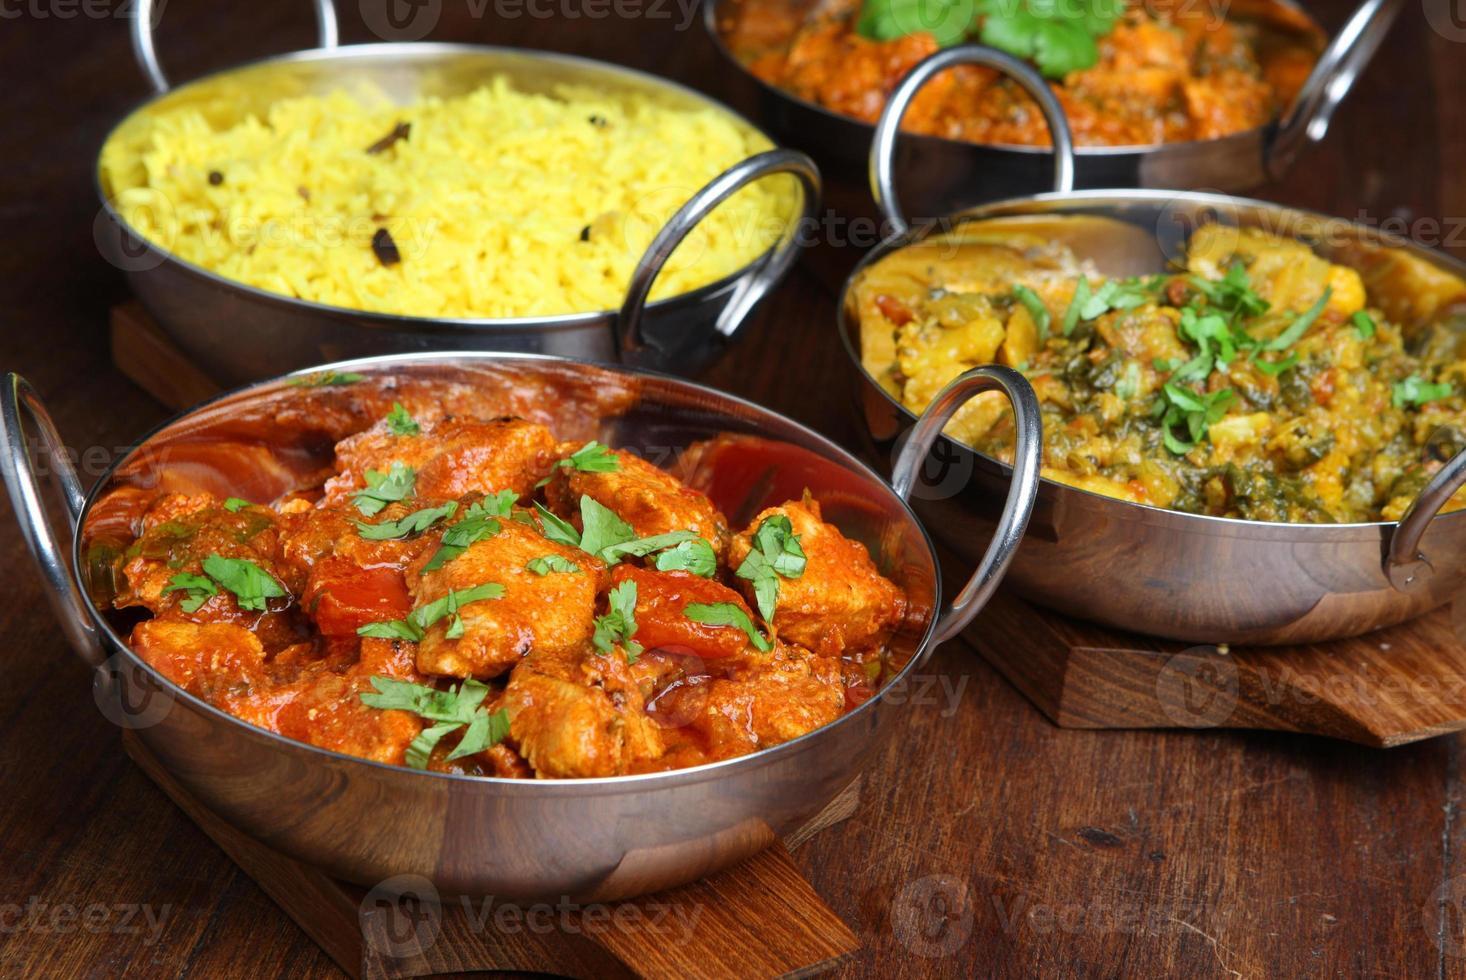 plats de curry indien photo